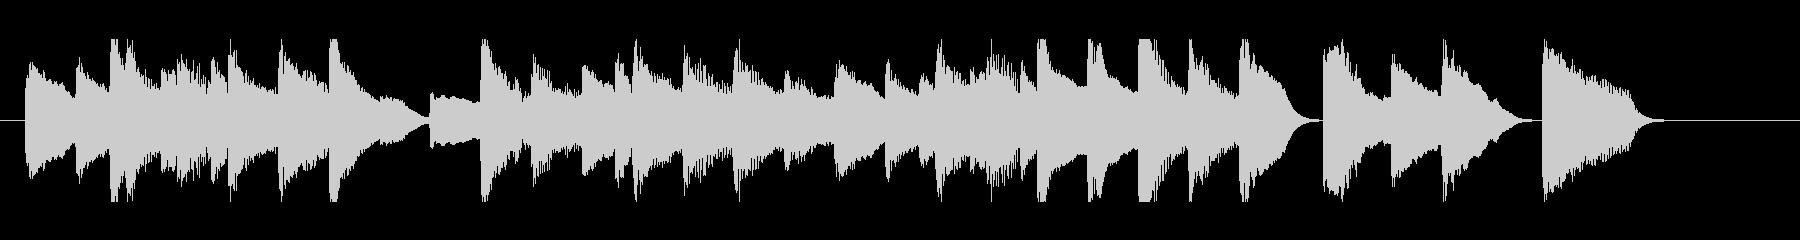 ピアノ 短い ジングル の未再生の波形